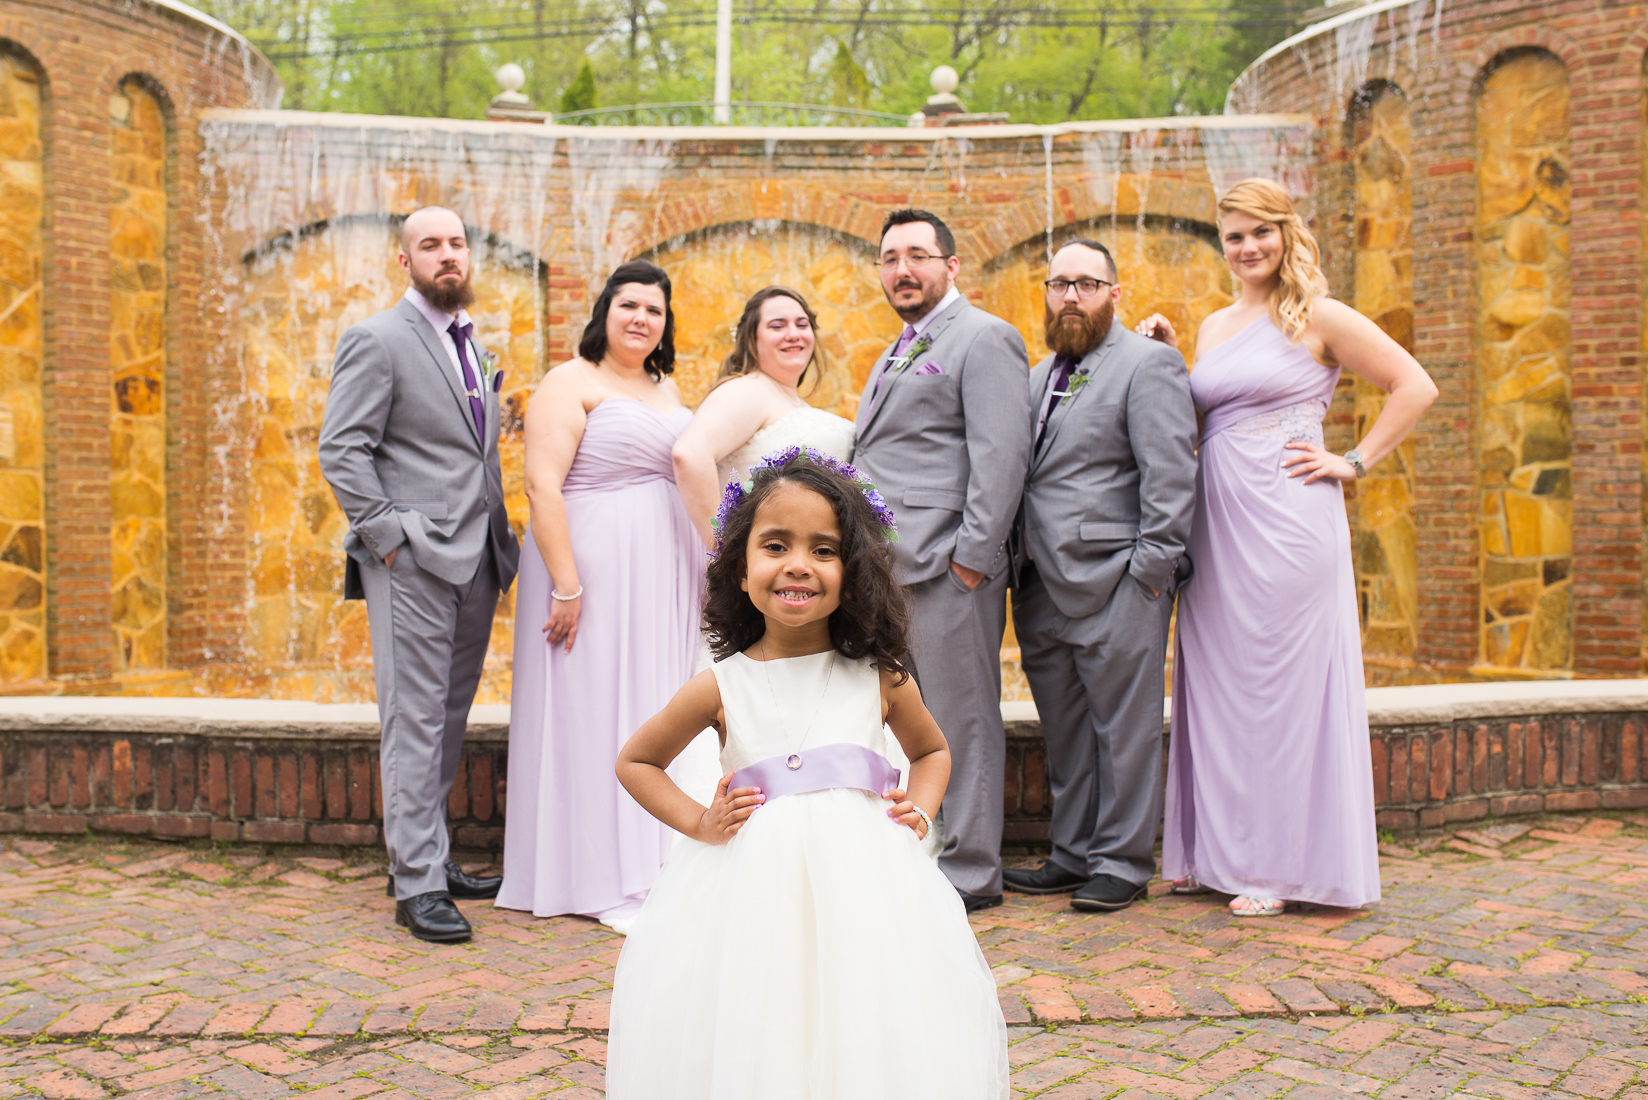 Manor-SouthOrange-NJ-wedding-0017.jpg